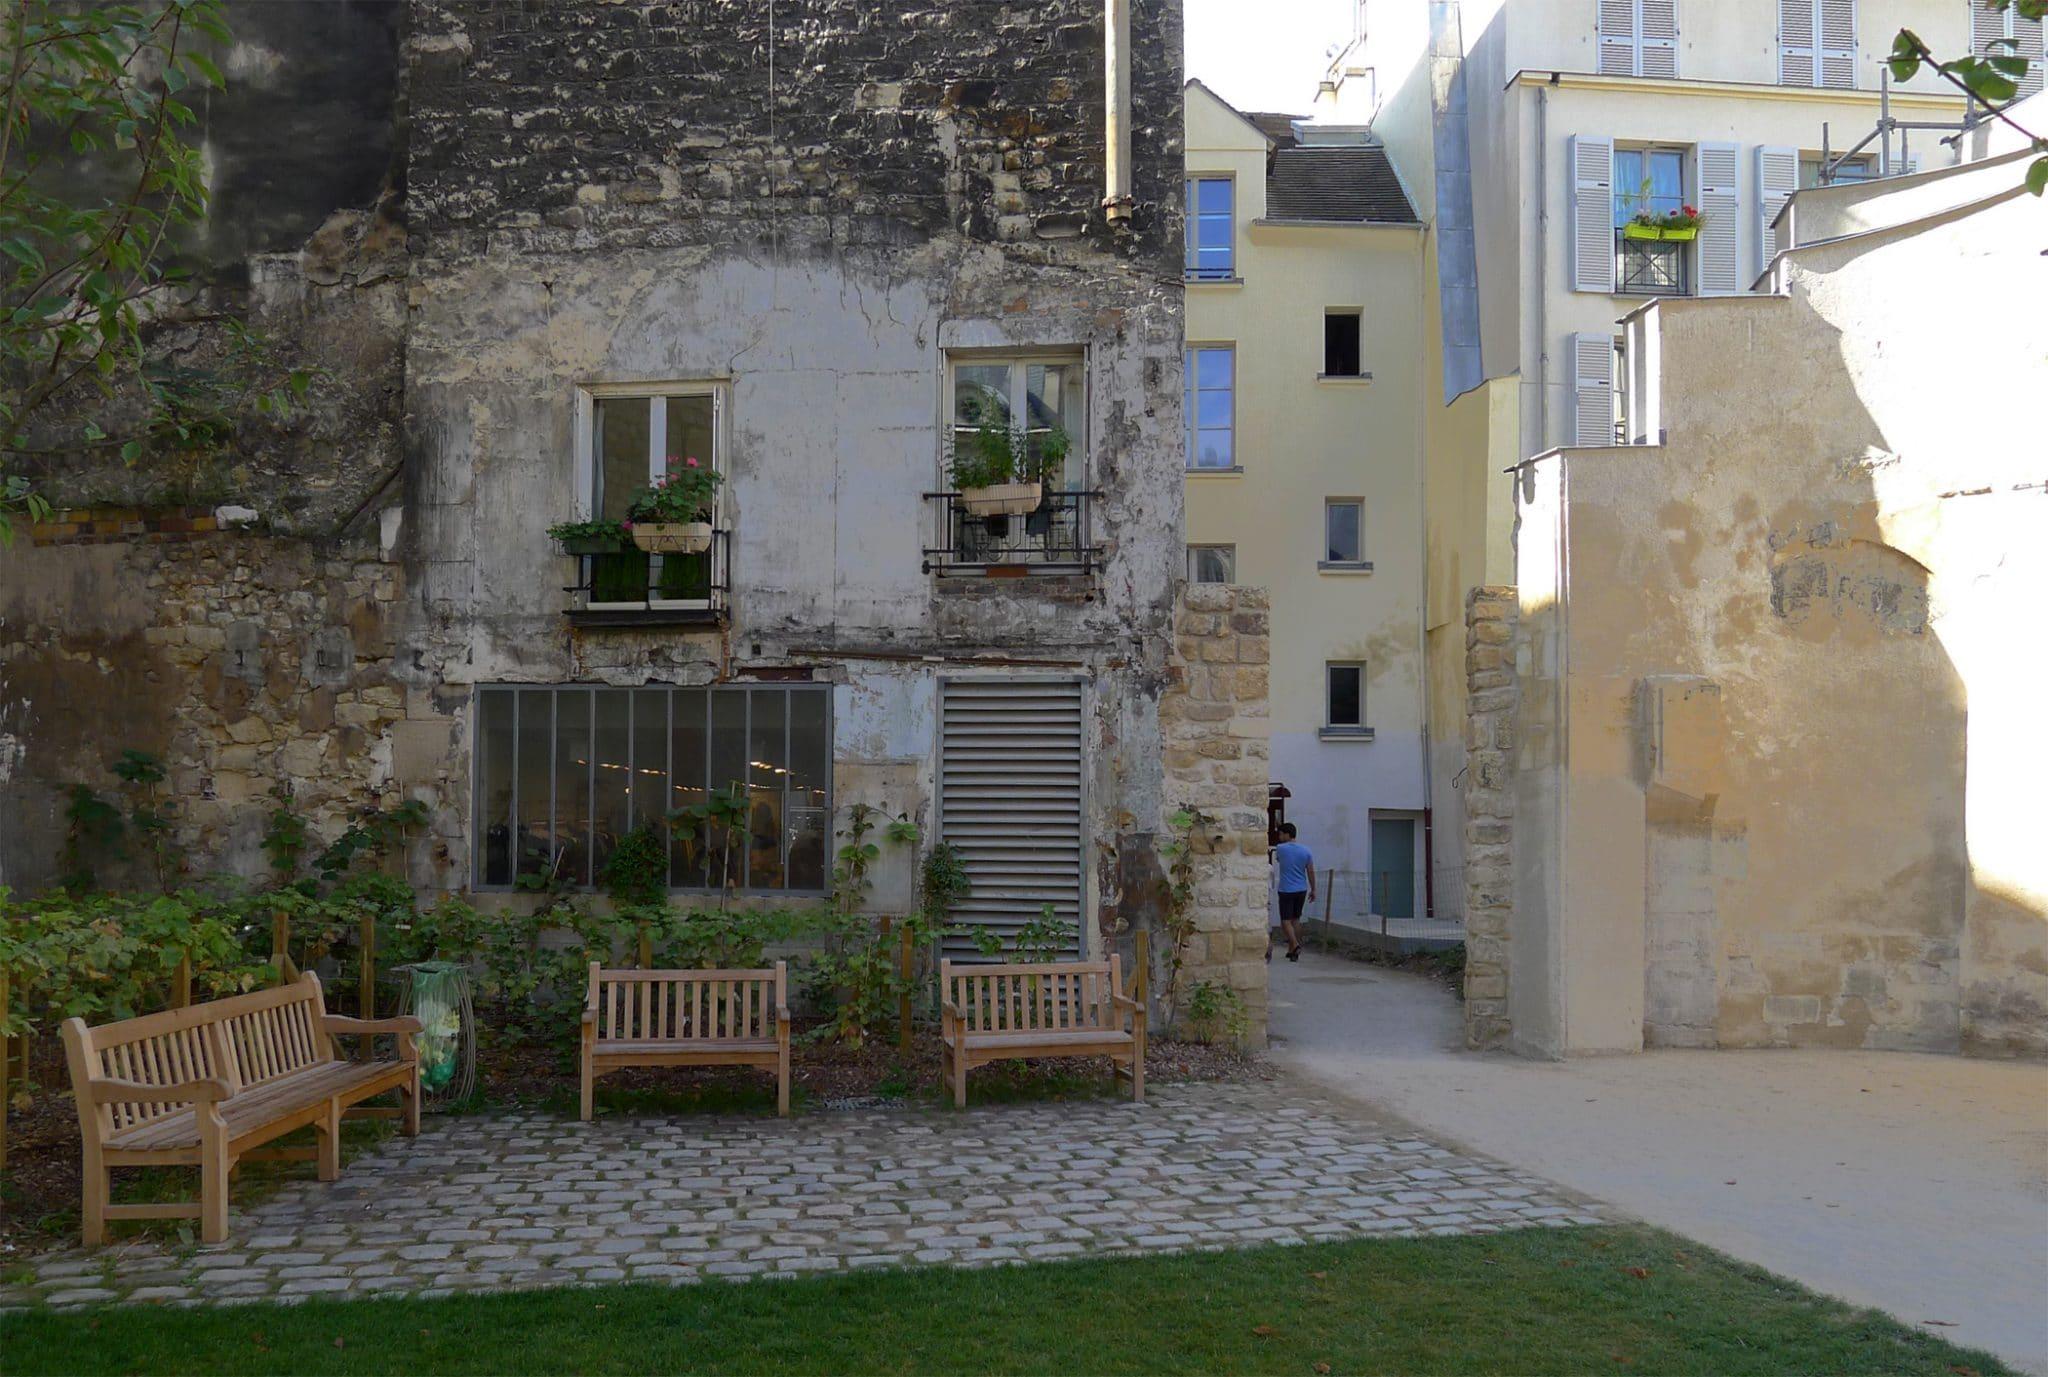 jardin des rosiers paris marais tour enceinte philippe auguste vestige histoire